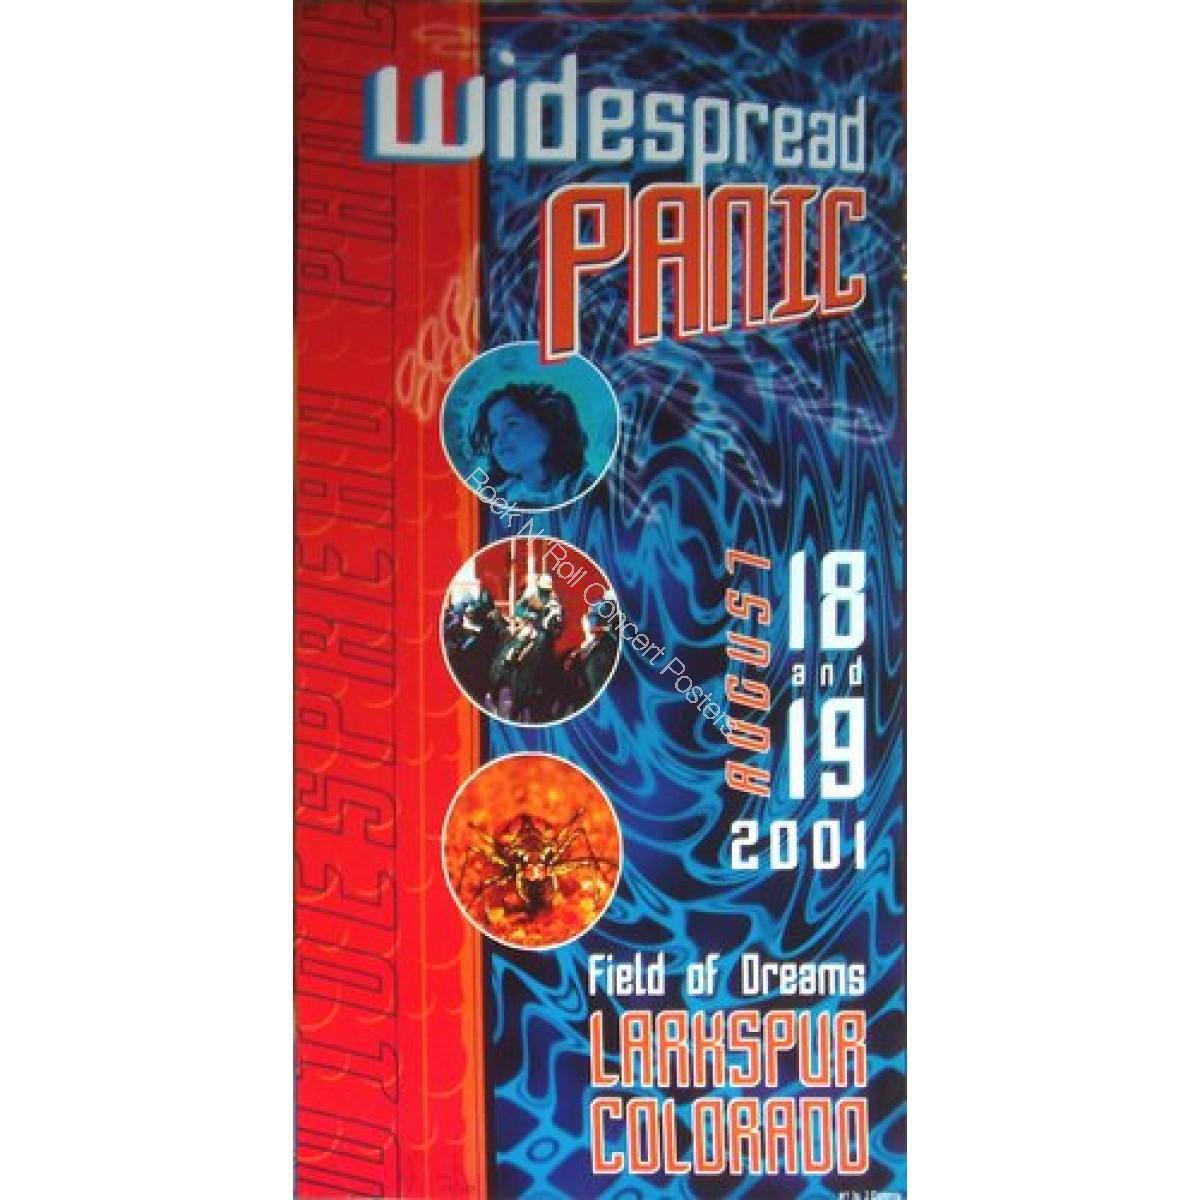 Widespread Panic Larkspur Colorado 8/18-19/01